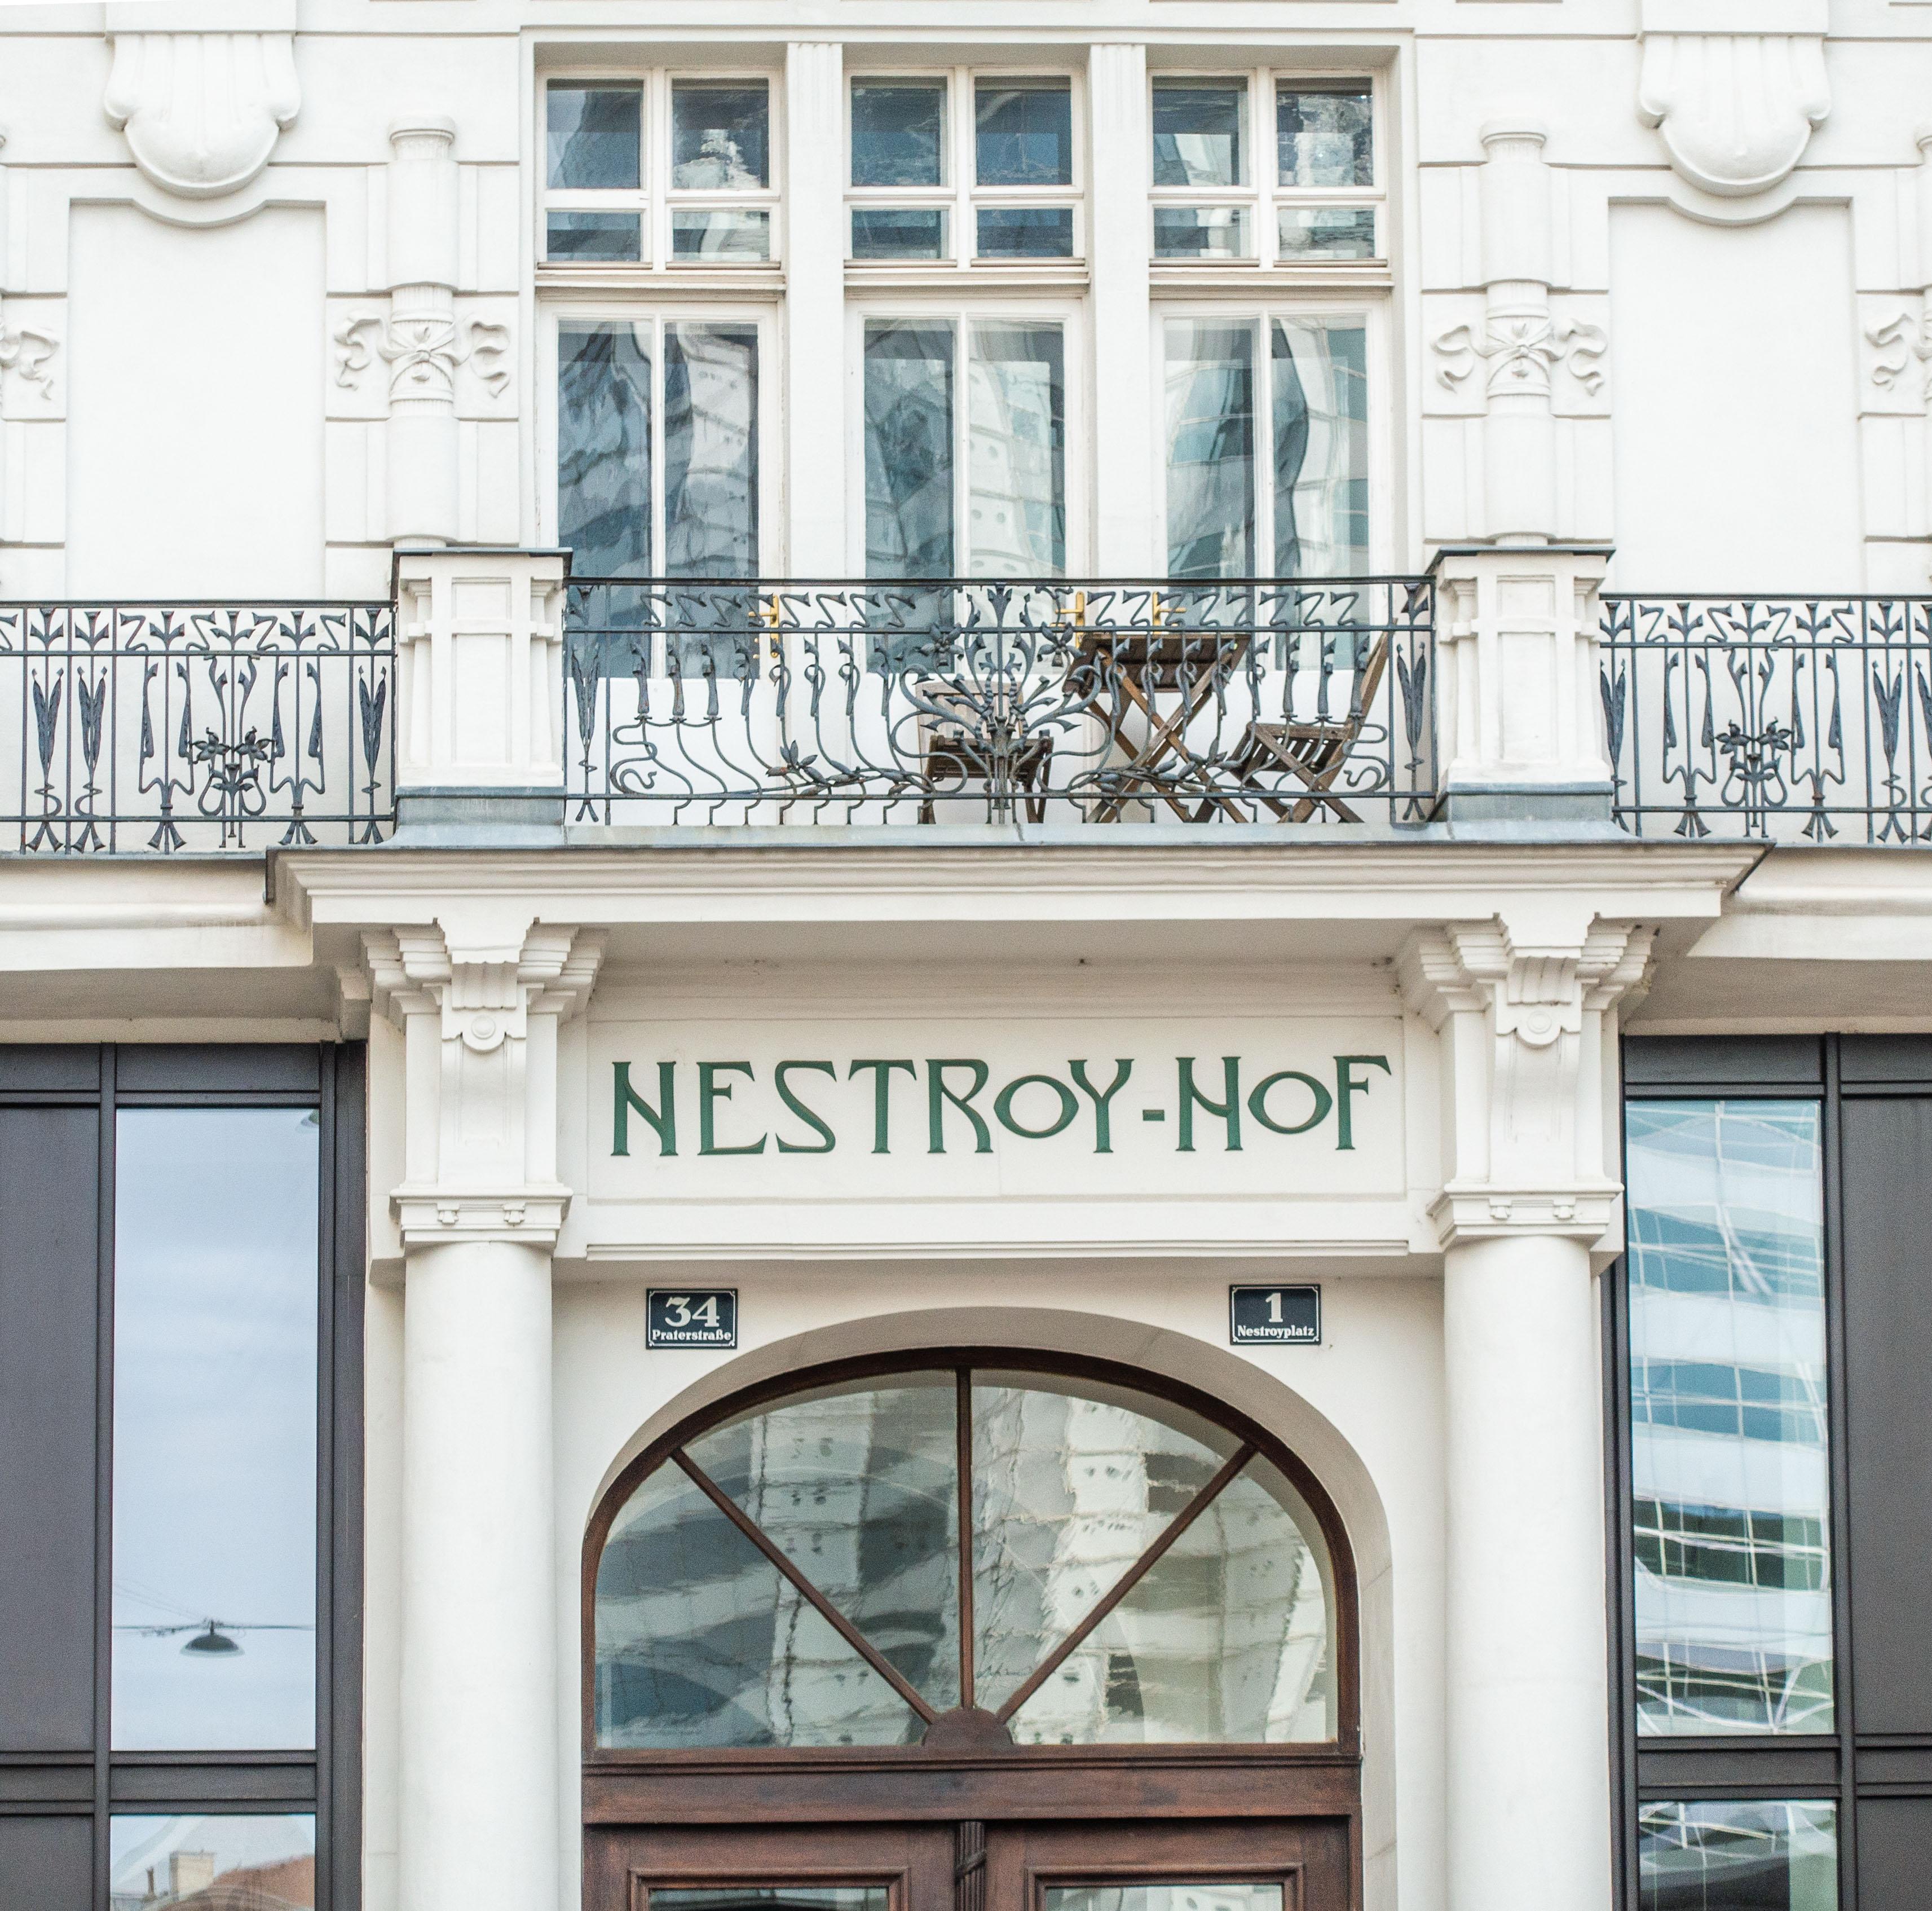 Theater Nestroyhof Hamakom Nestroy-Hof (c) STADTBEKANNT